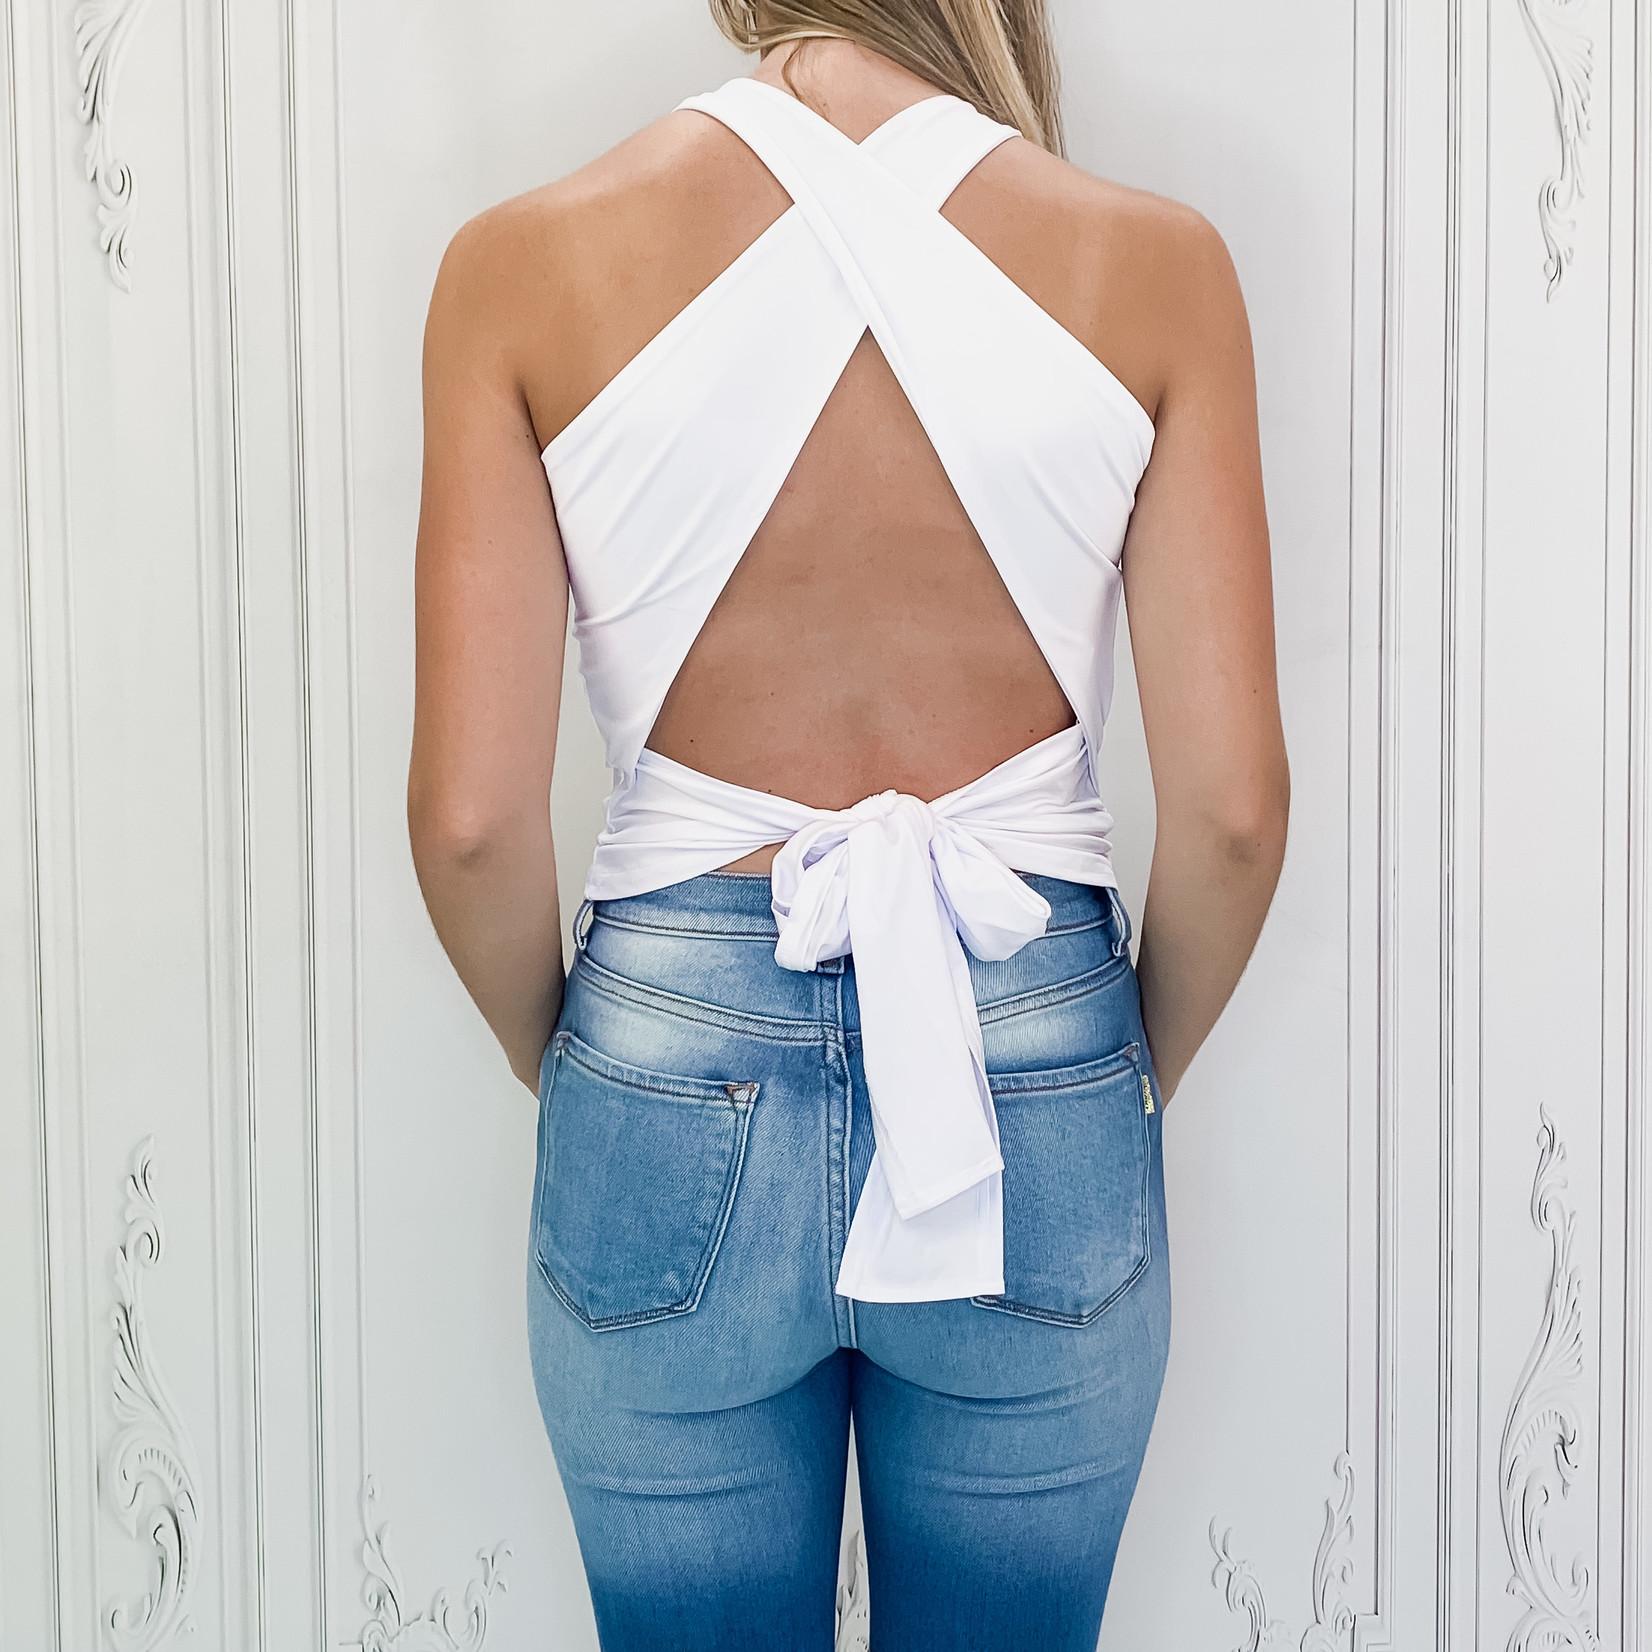 Tara open back top